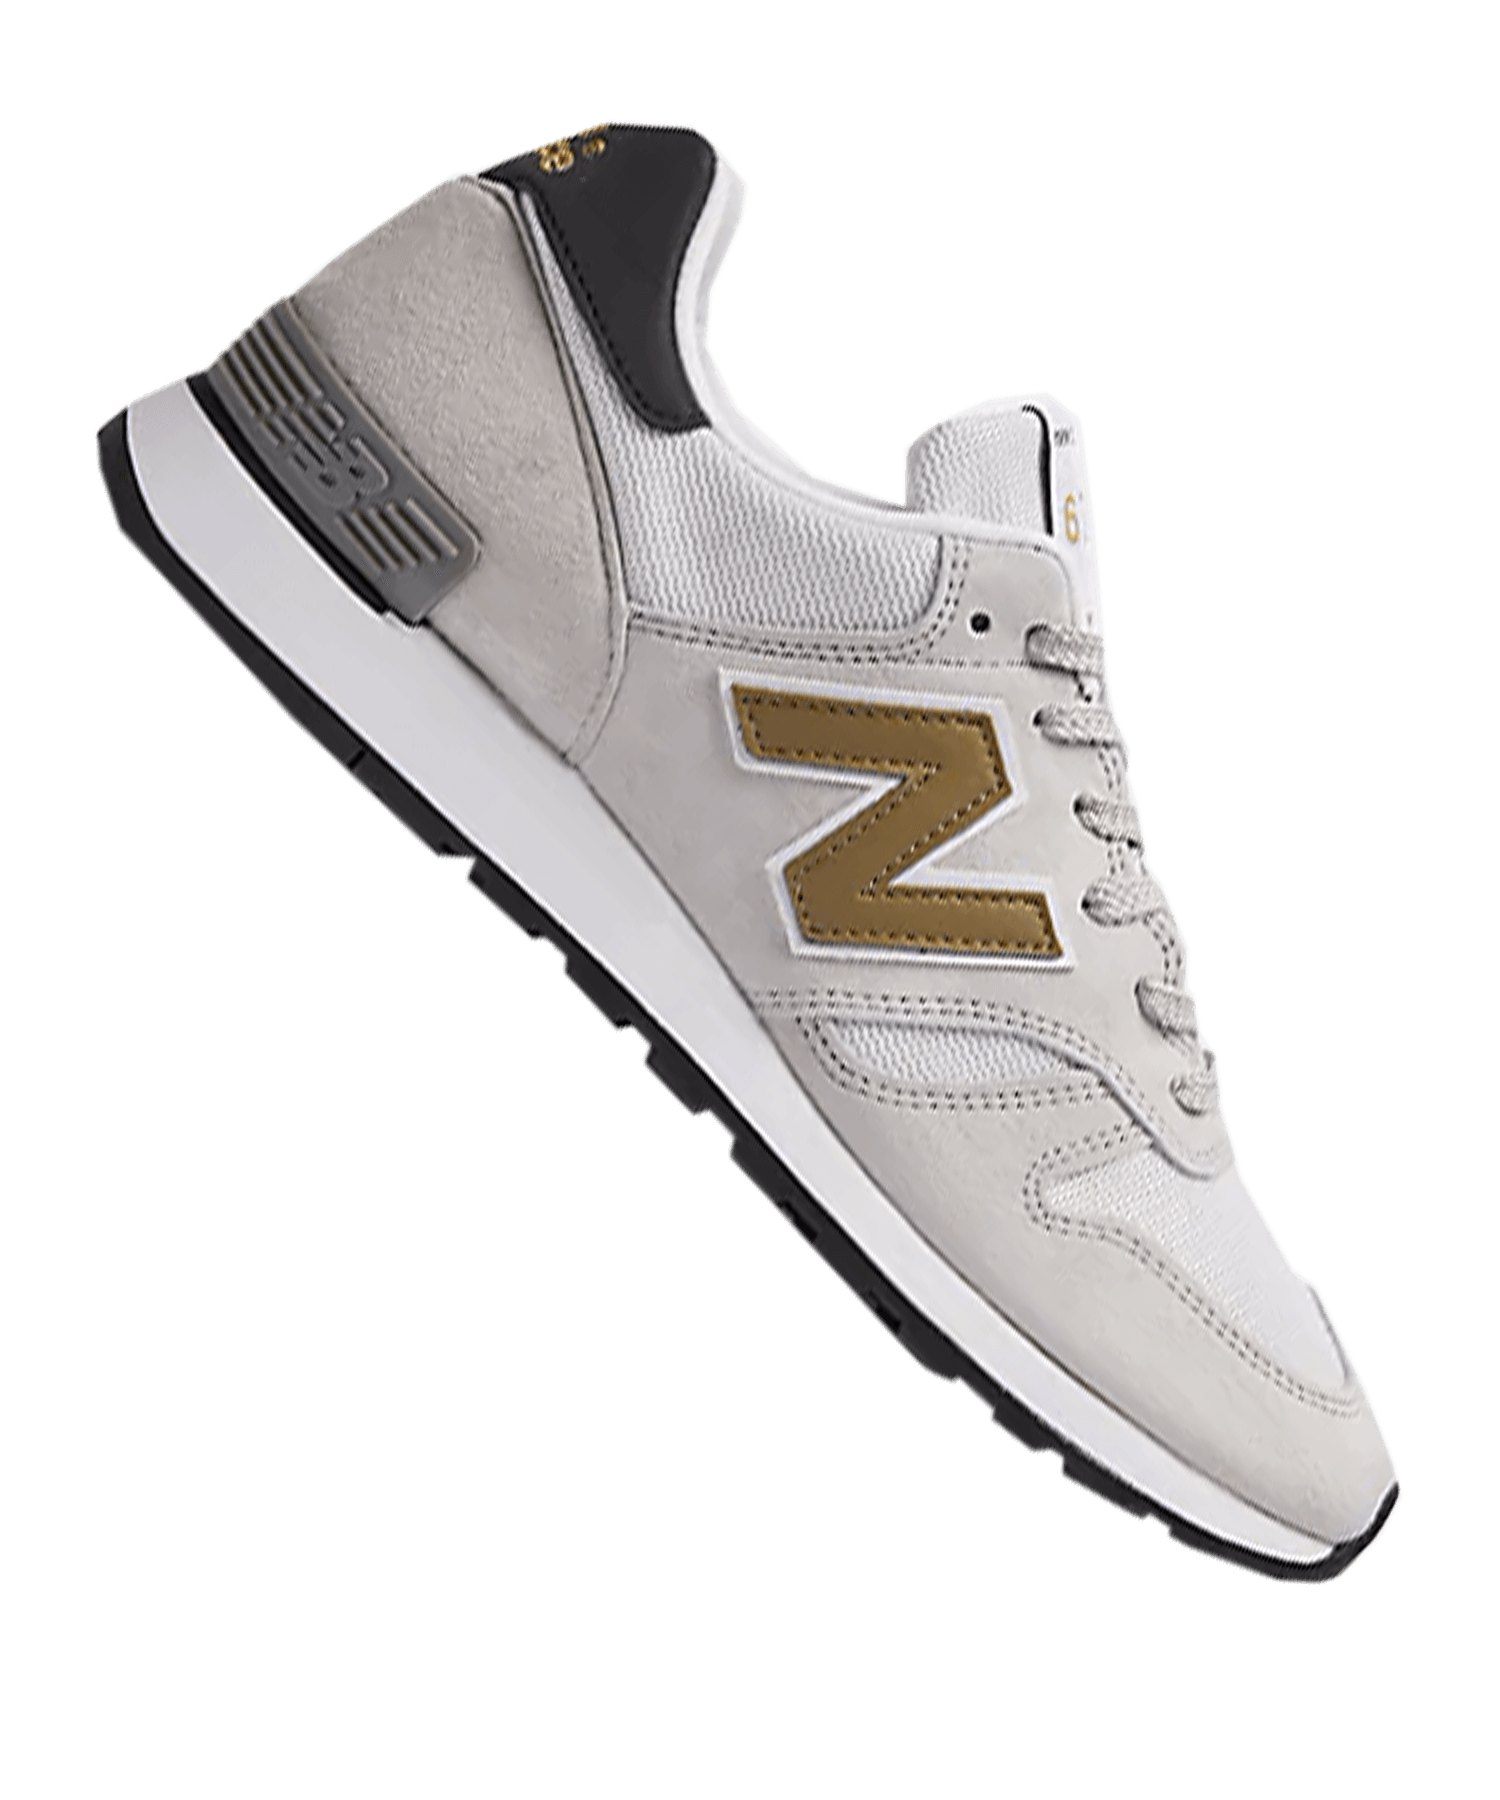 New Balance M670 D Sneaker Weiss F3 - weiss